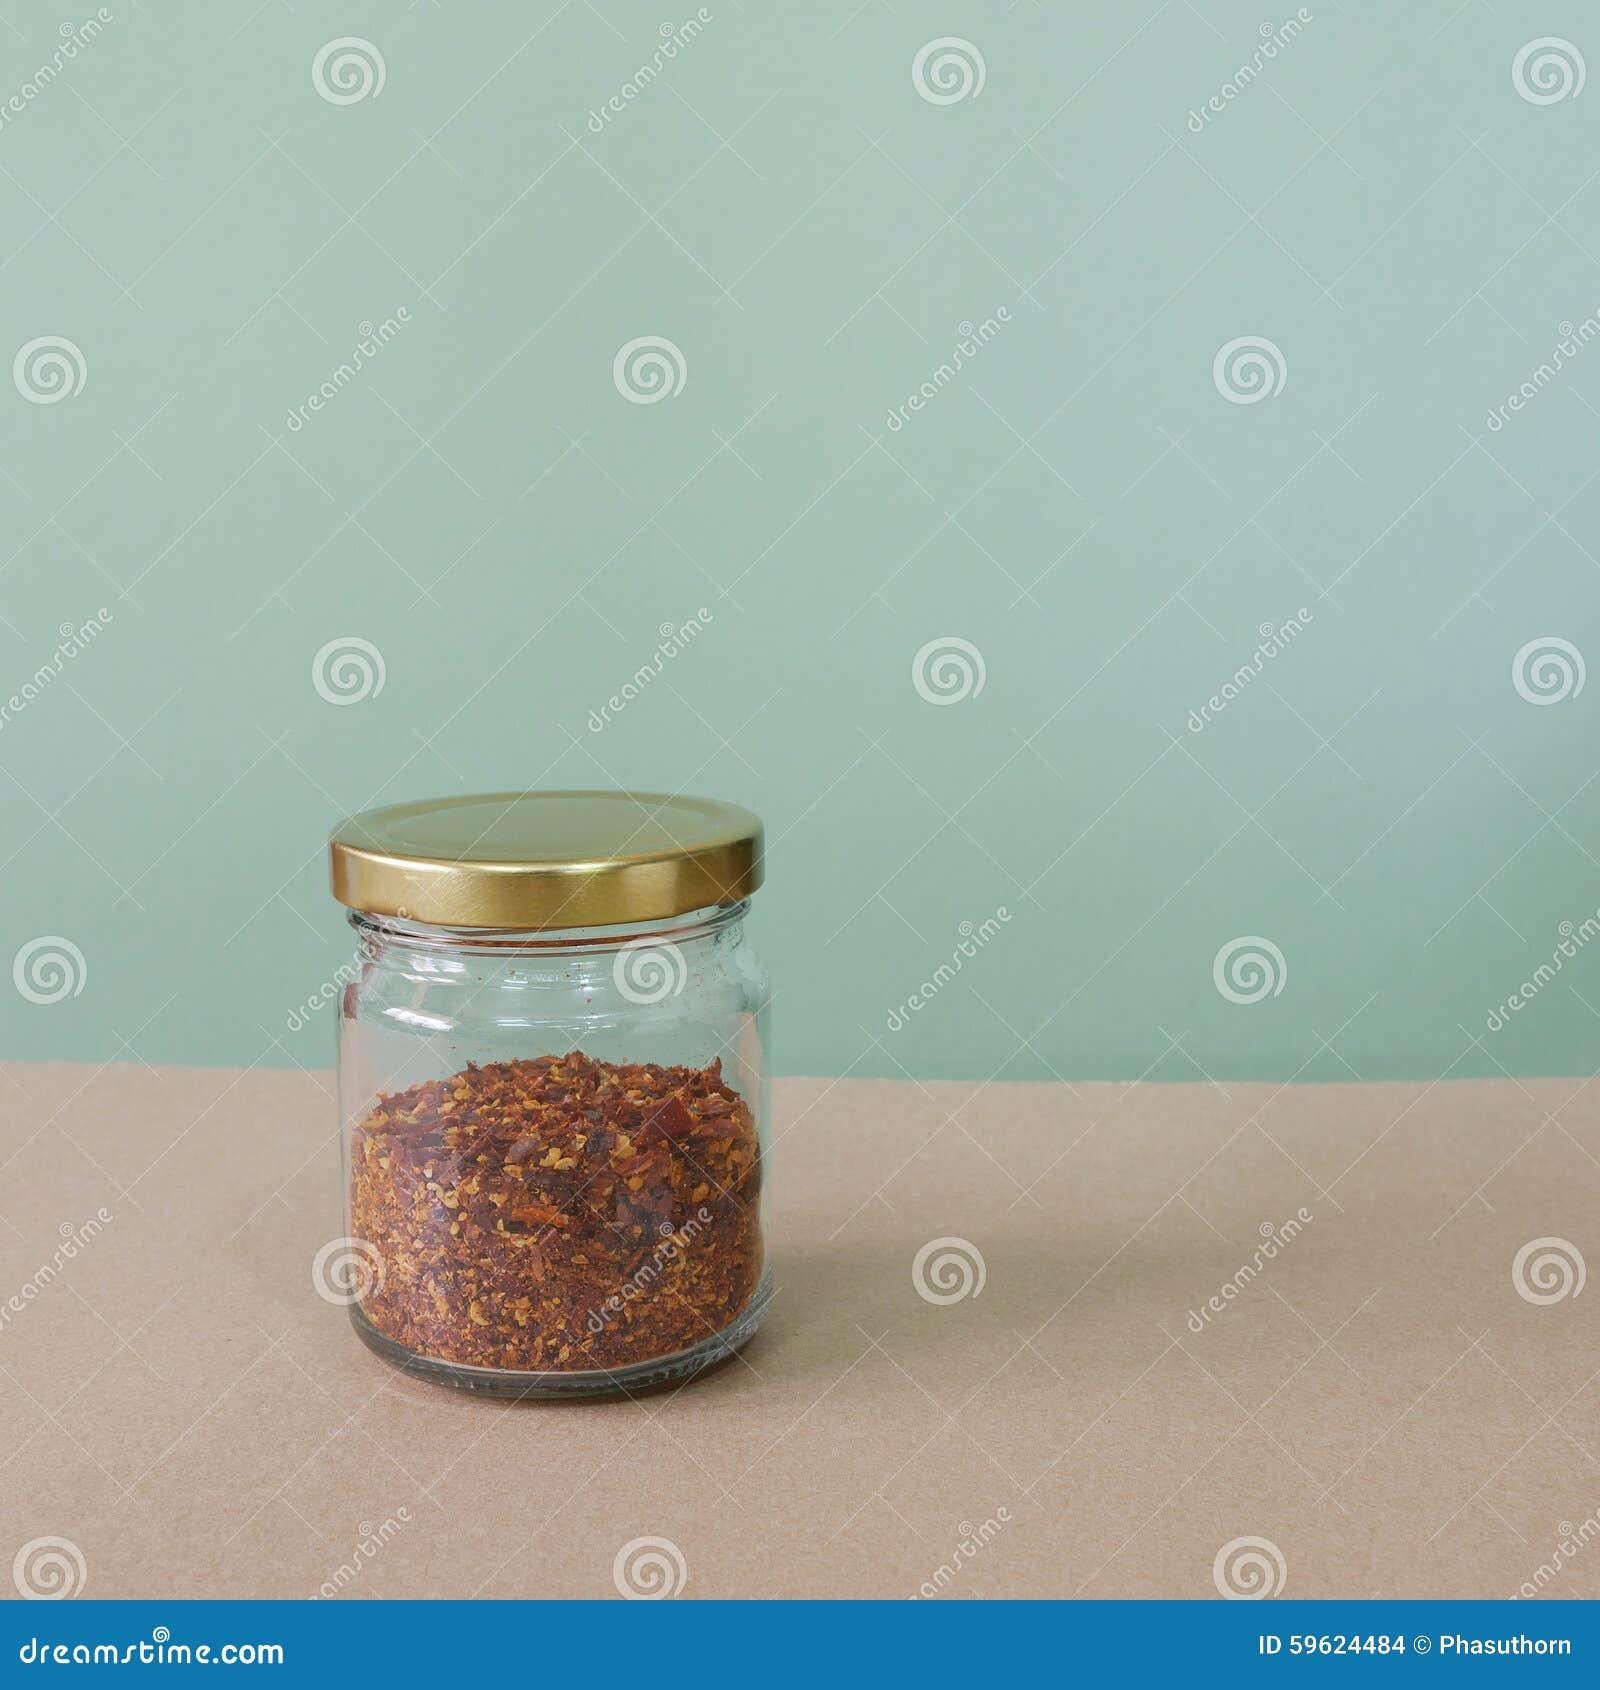 Cayenne pepper in glass bottle (#2)